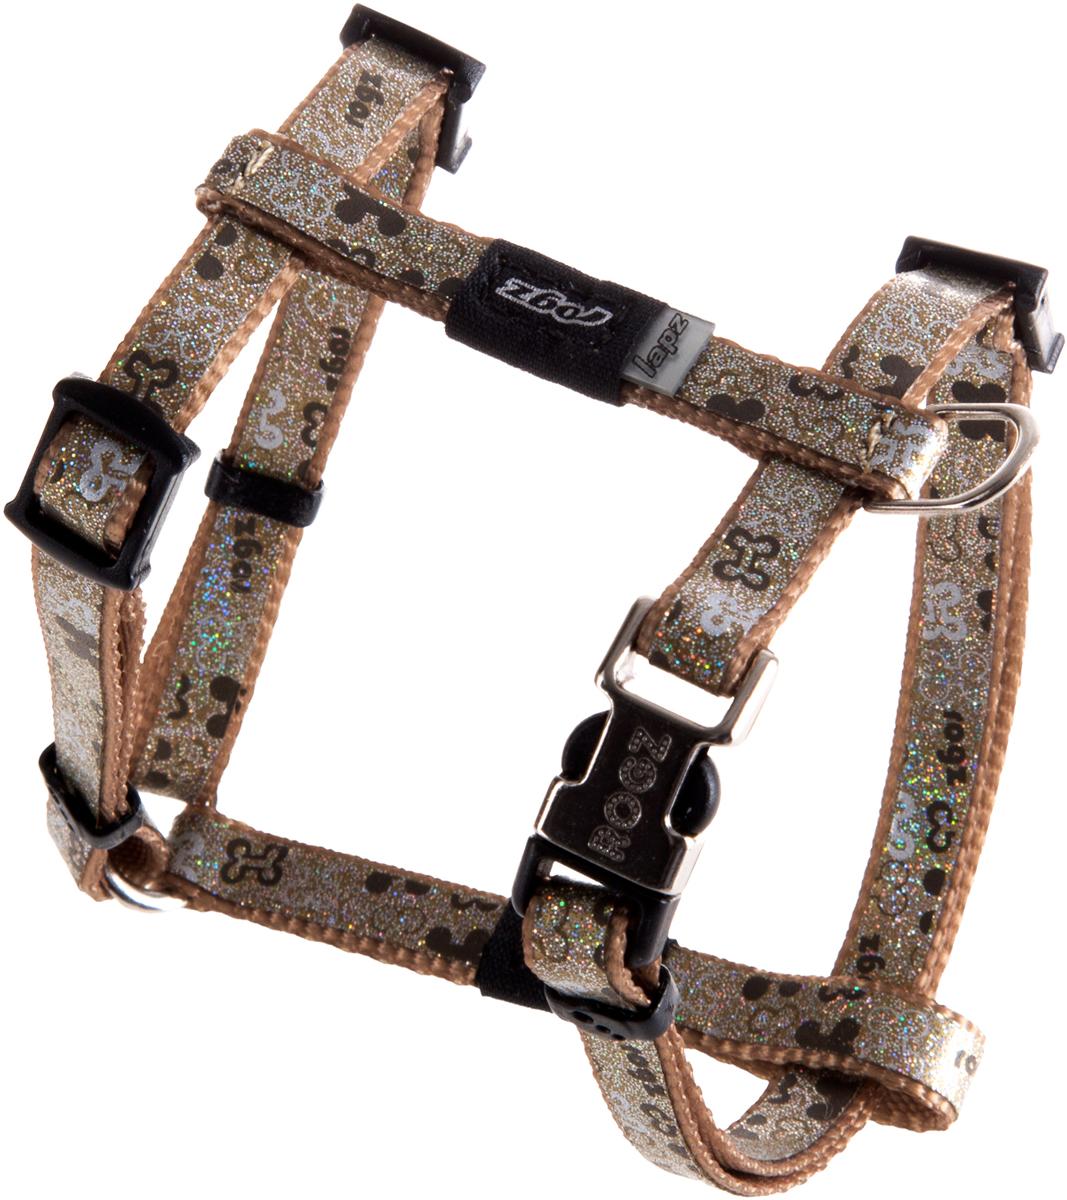 Шлейка для собак Rogz  Trendy , цвет: коричневый, ширина 0,8 см. Размер XS - Товары для прогулки и дрессировки (амуниция)